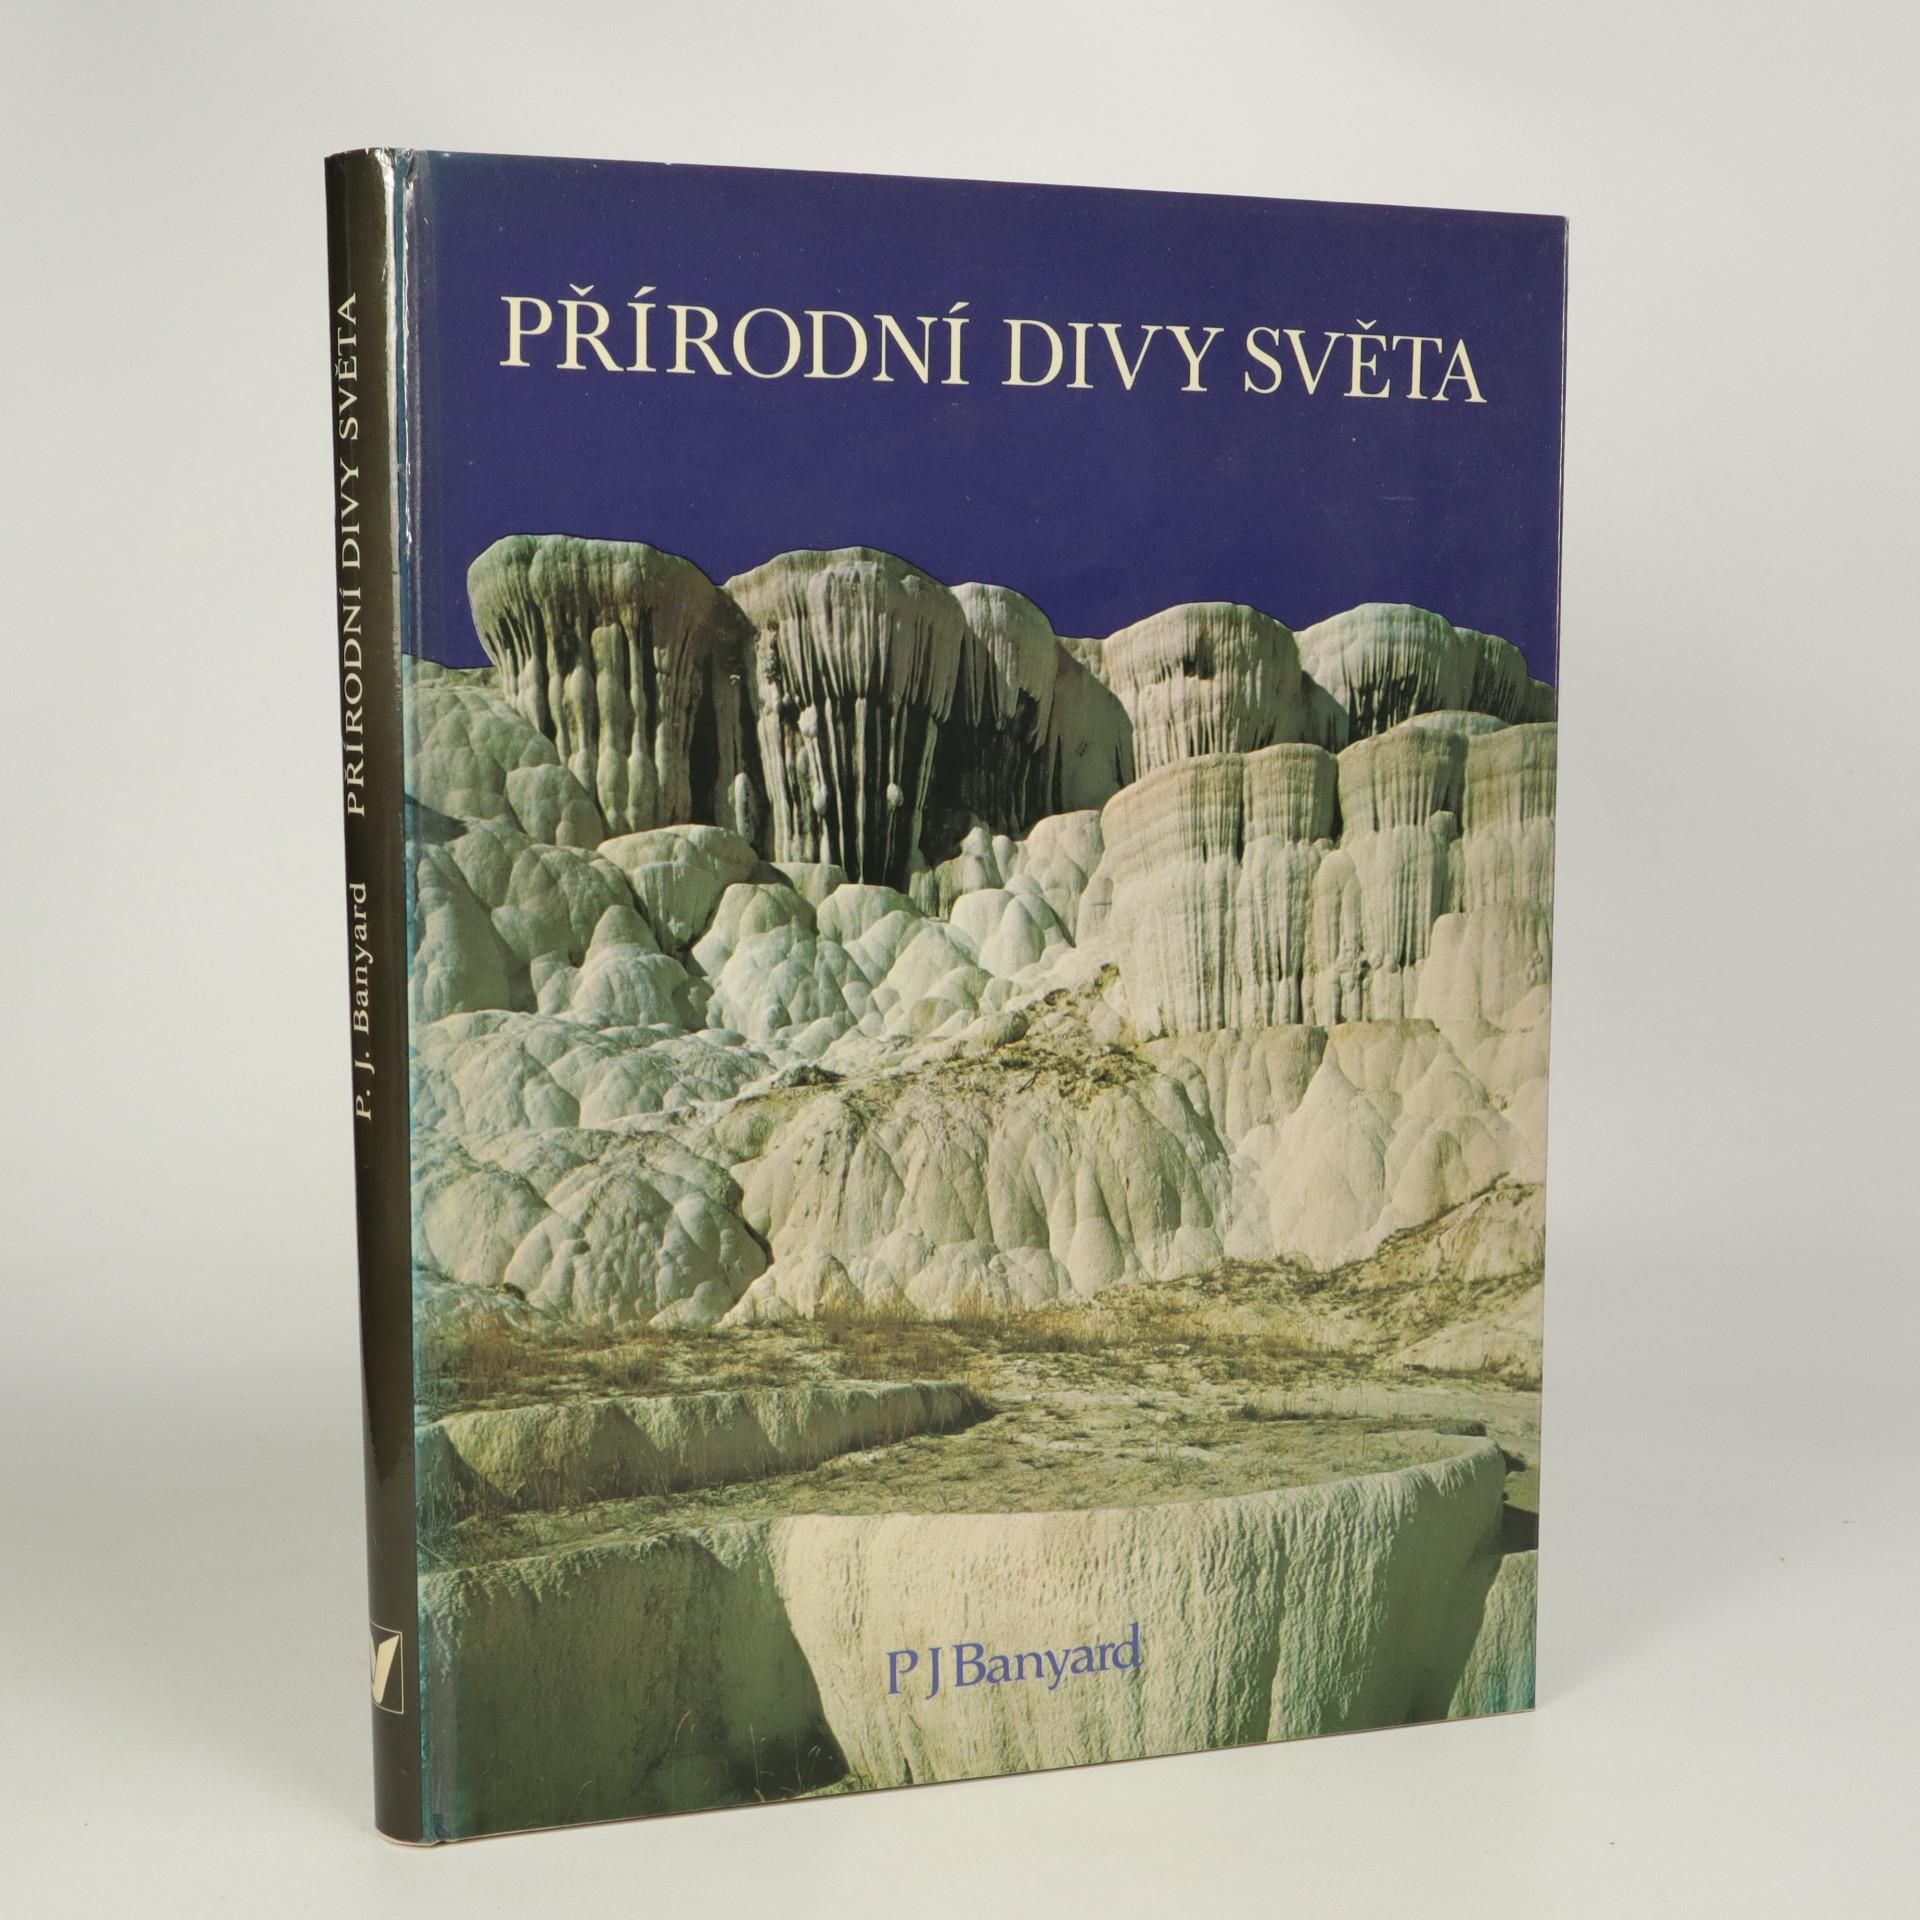 antikvární kniha Přírodní divy světa, 1982